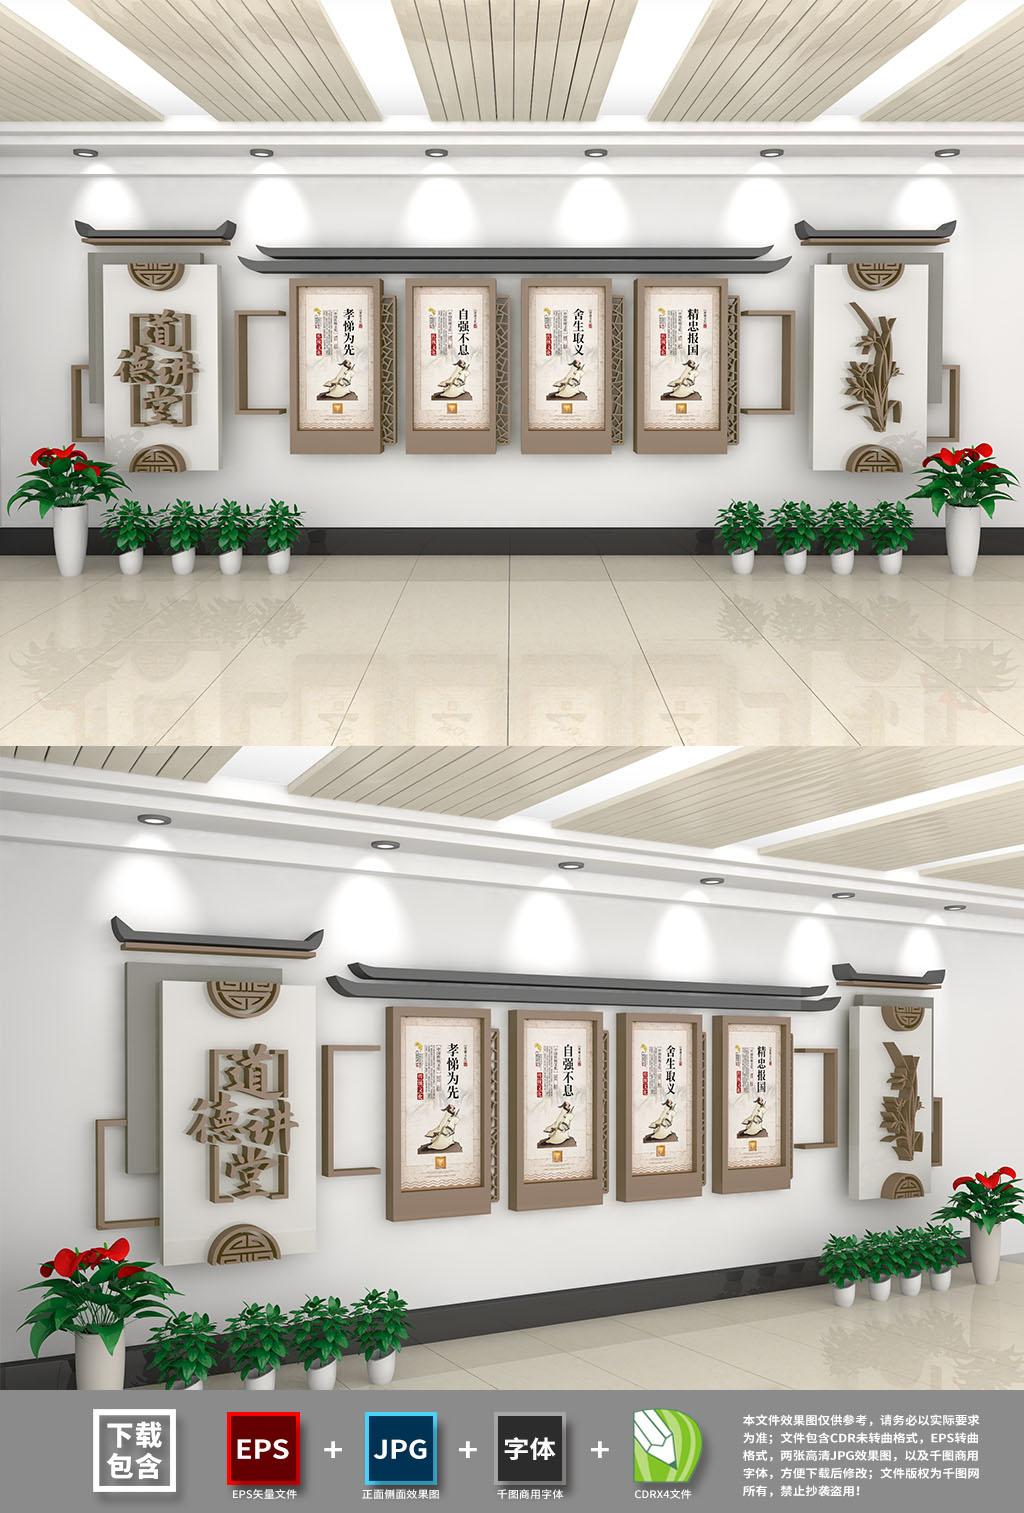 创意新式中国风道德文明道德讲堂道德文化墙插图